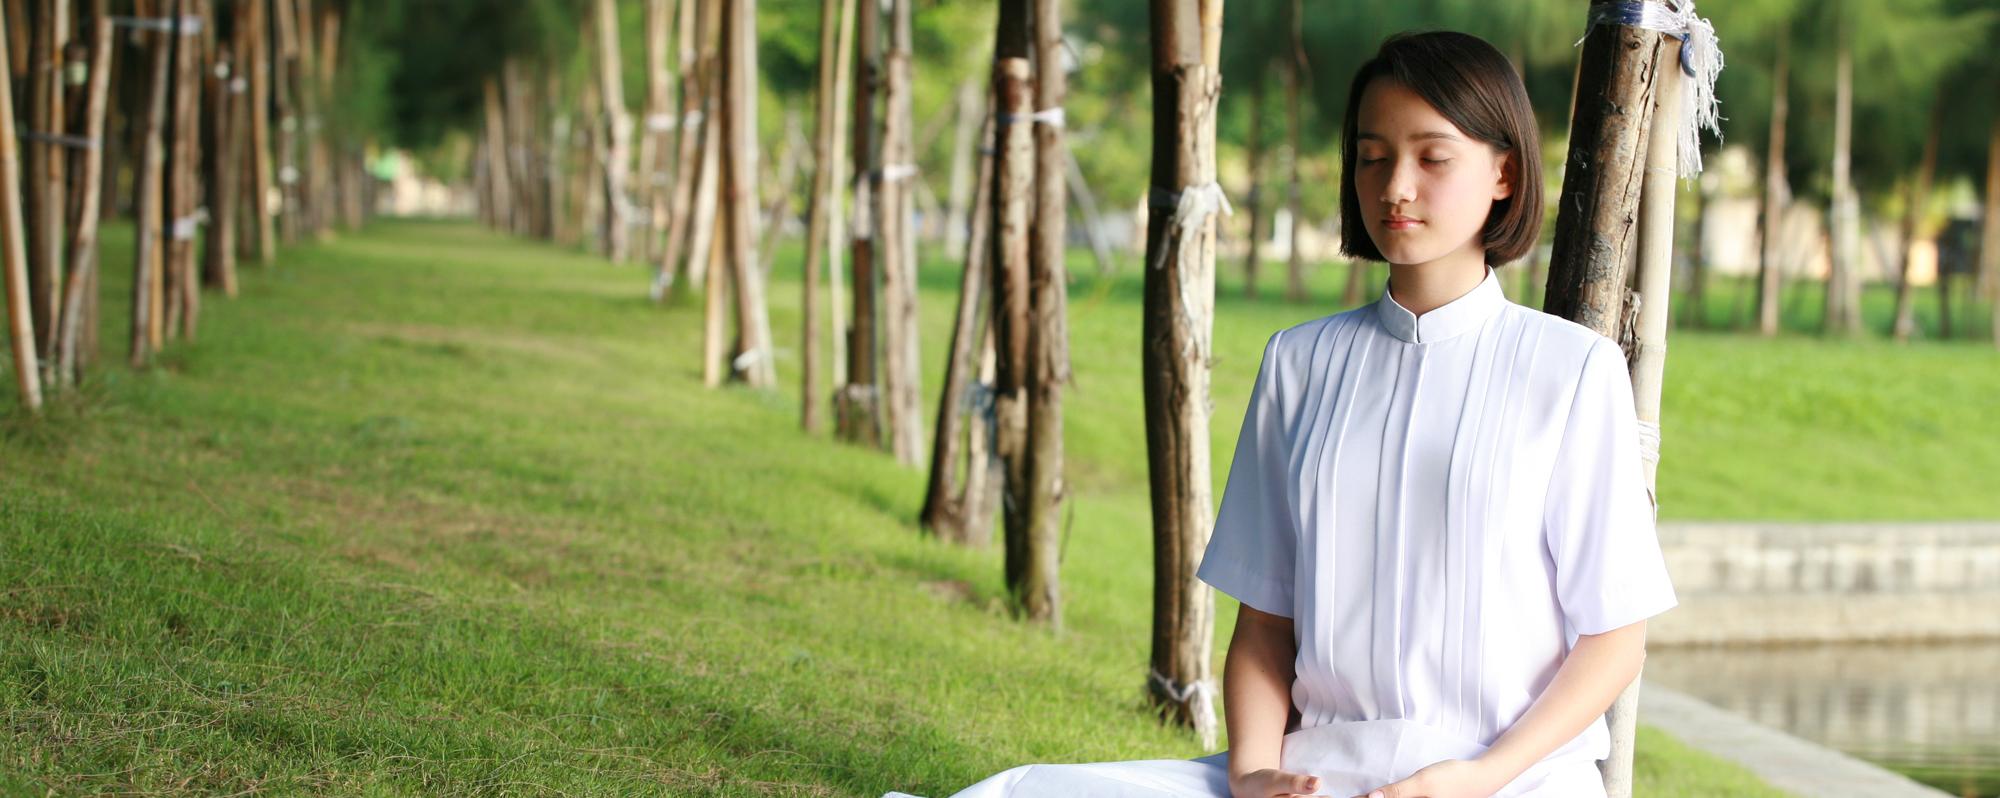 Meditation für Einsteiger, Meditation fuer Einsteiger